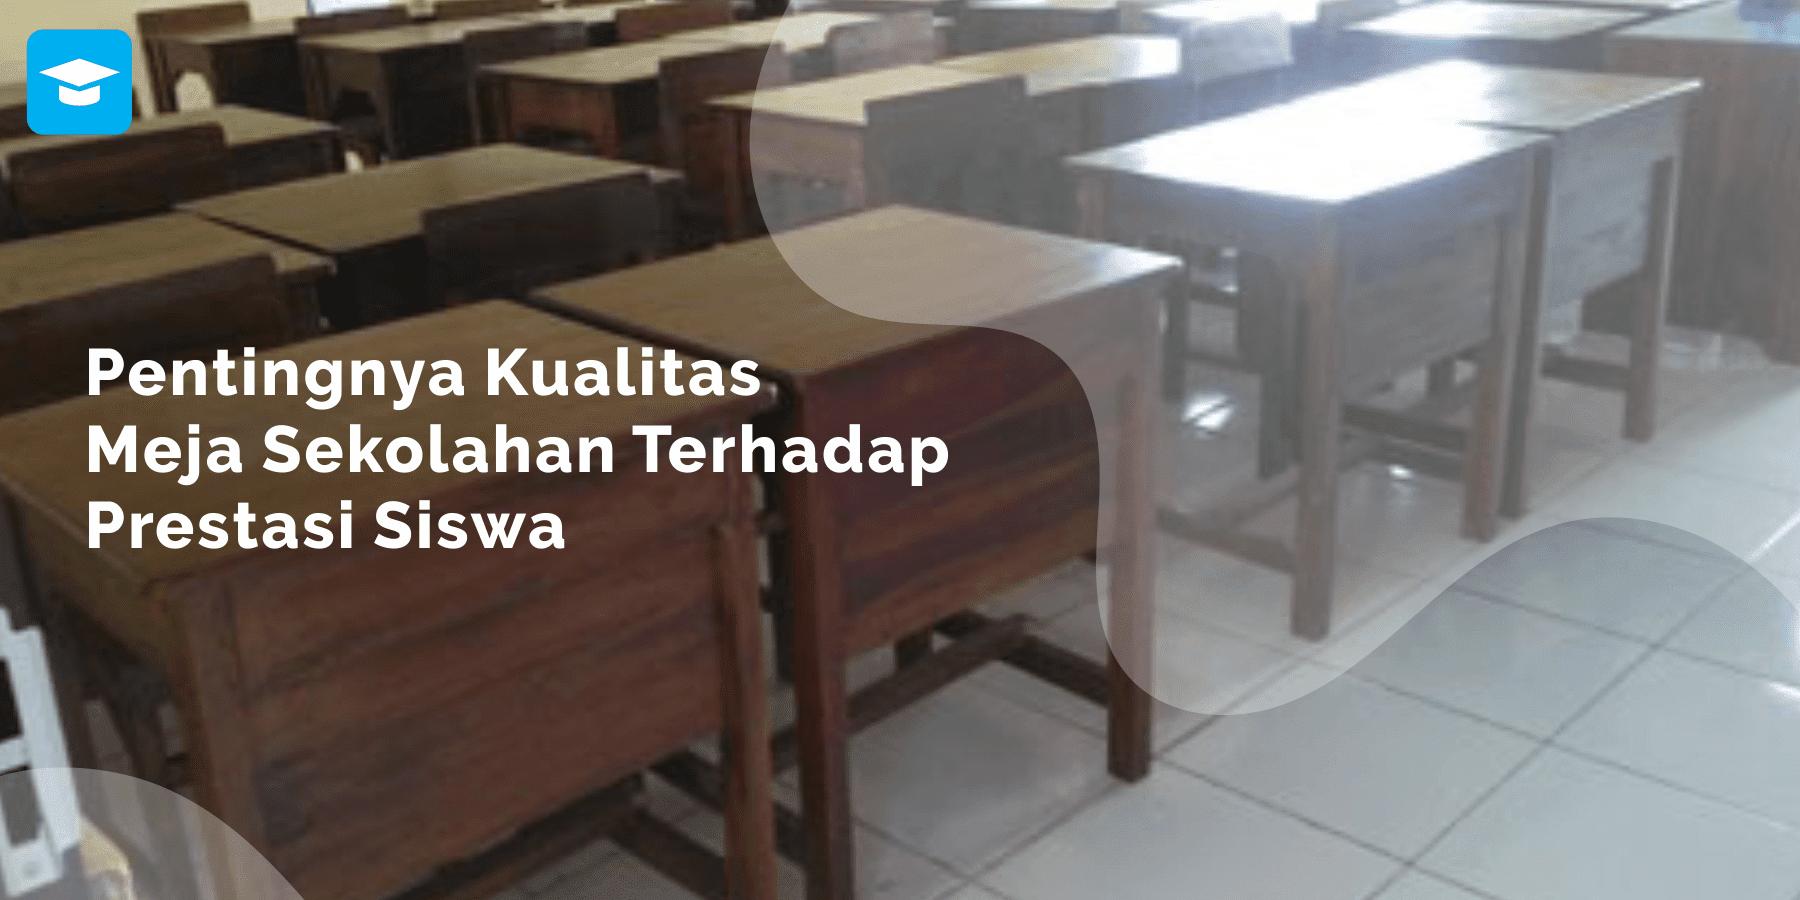 Pentingnya kualitas meja sekolahan